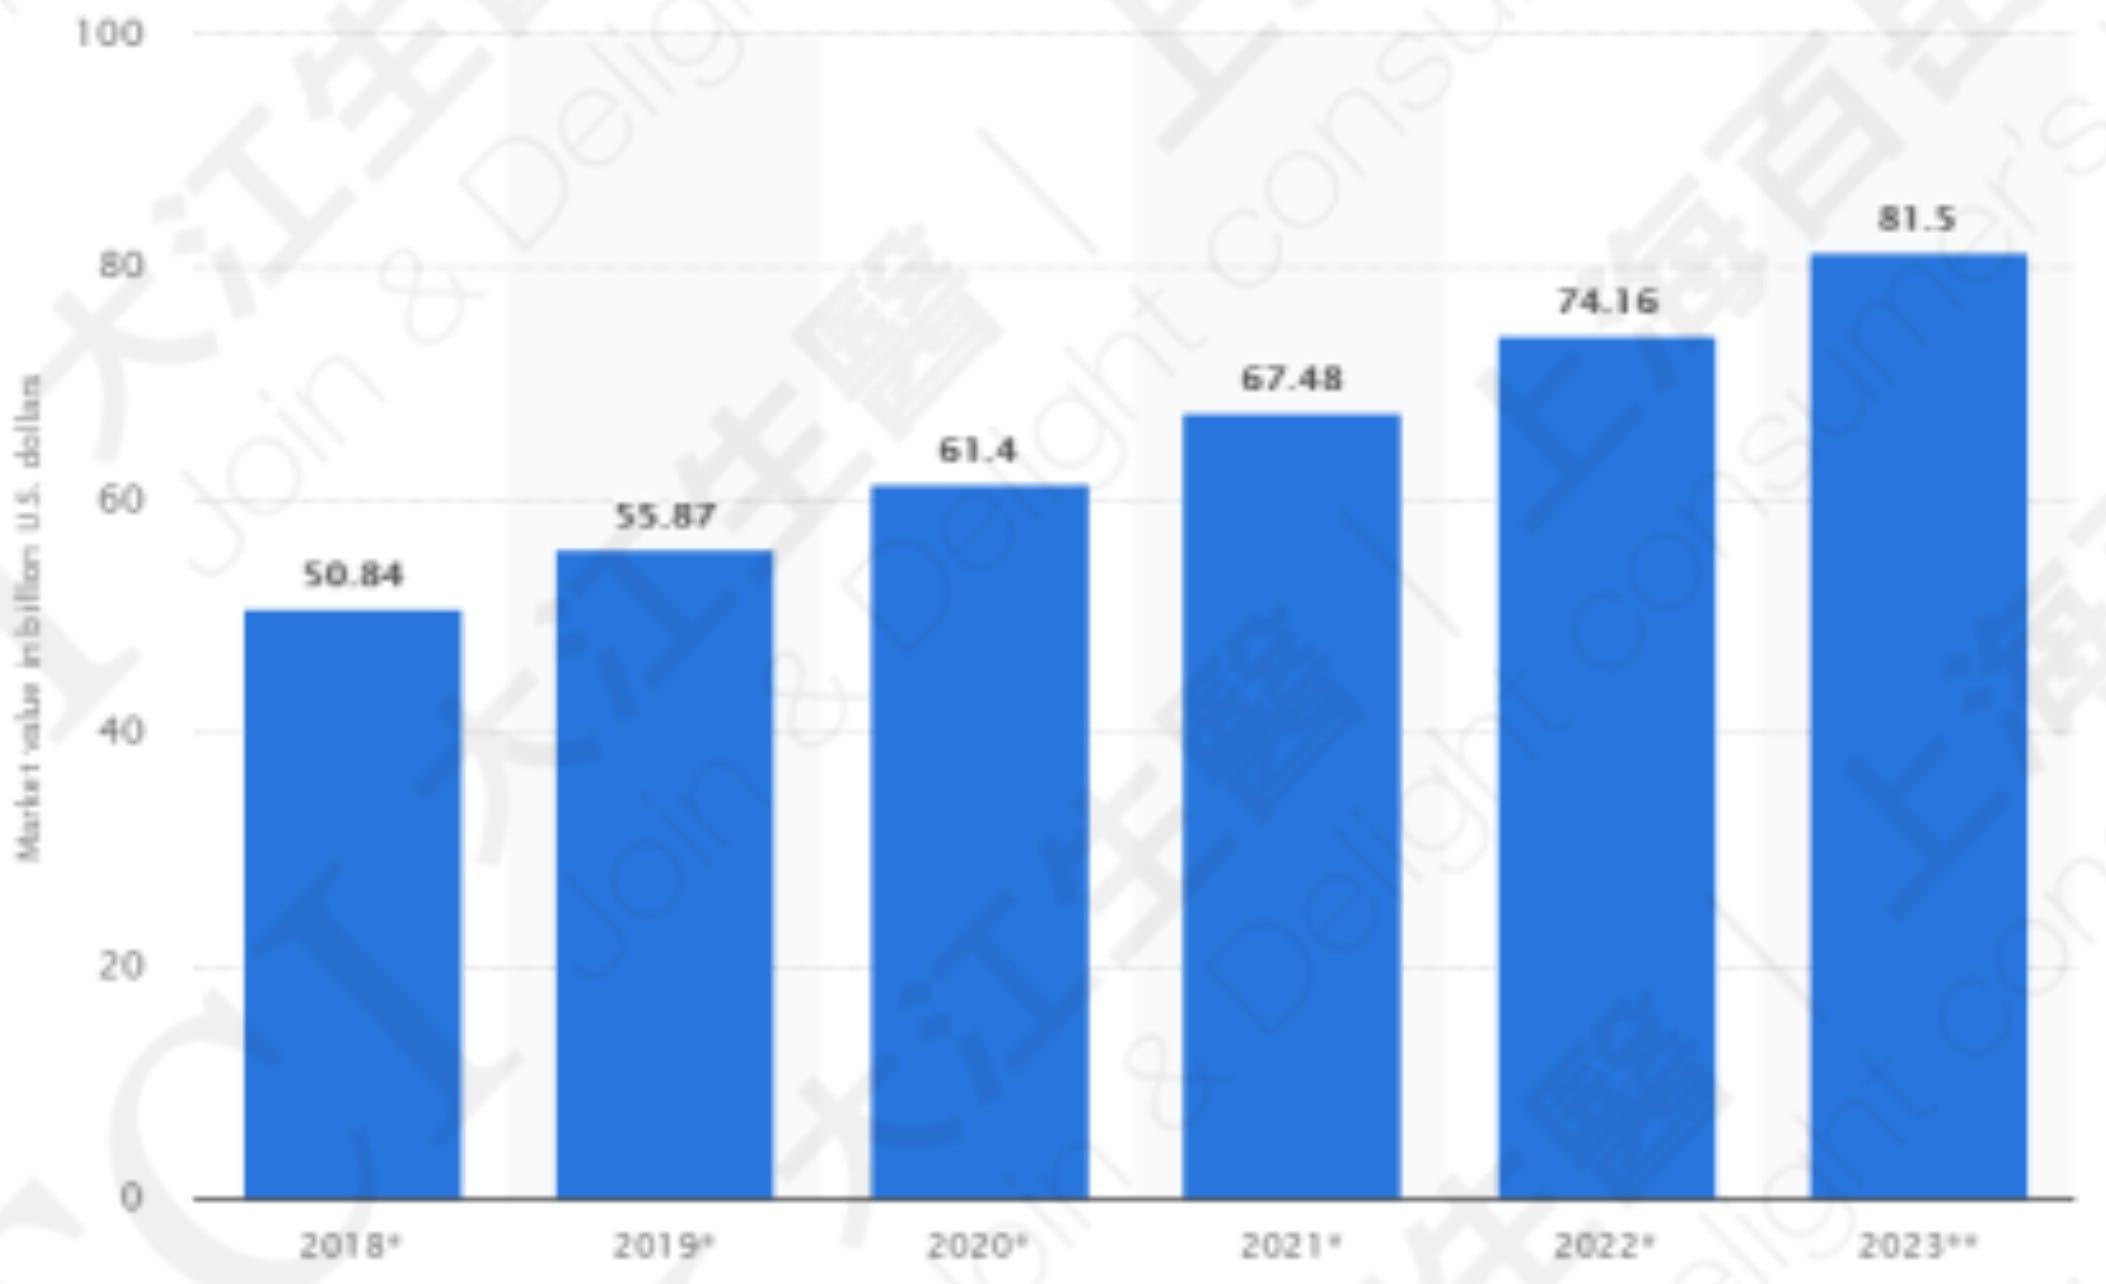 全球运动营养品市场规模2018-2023 资料来源: Statista